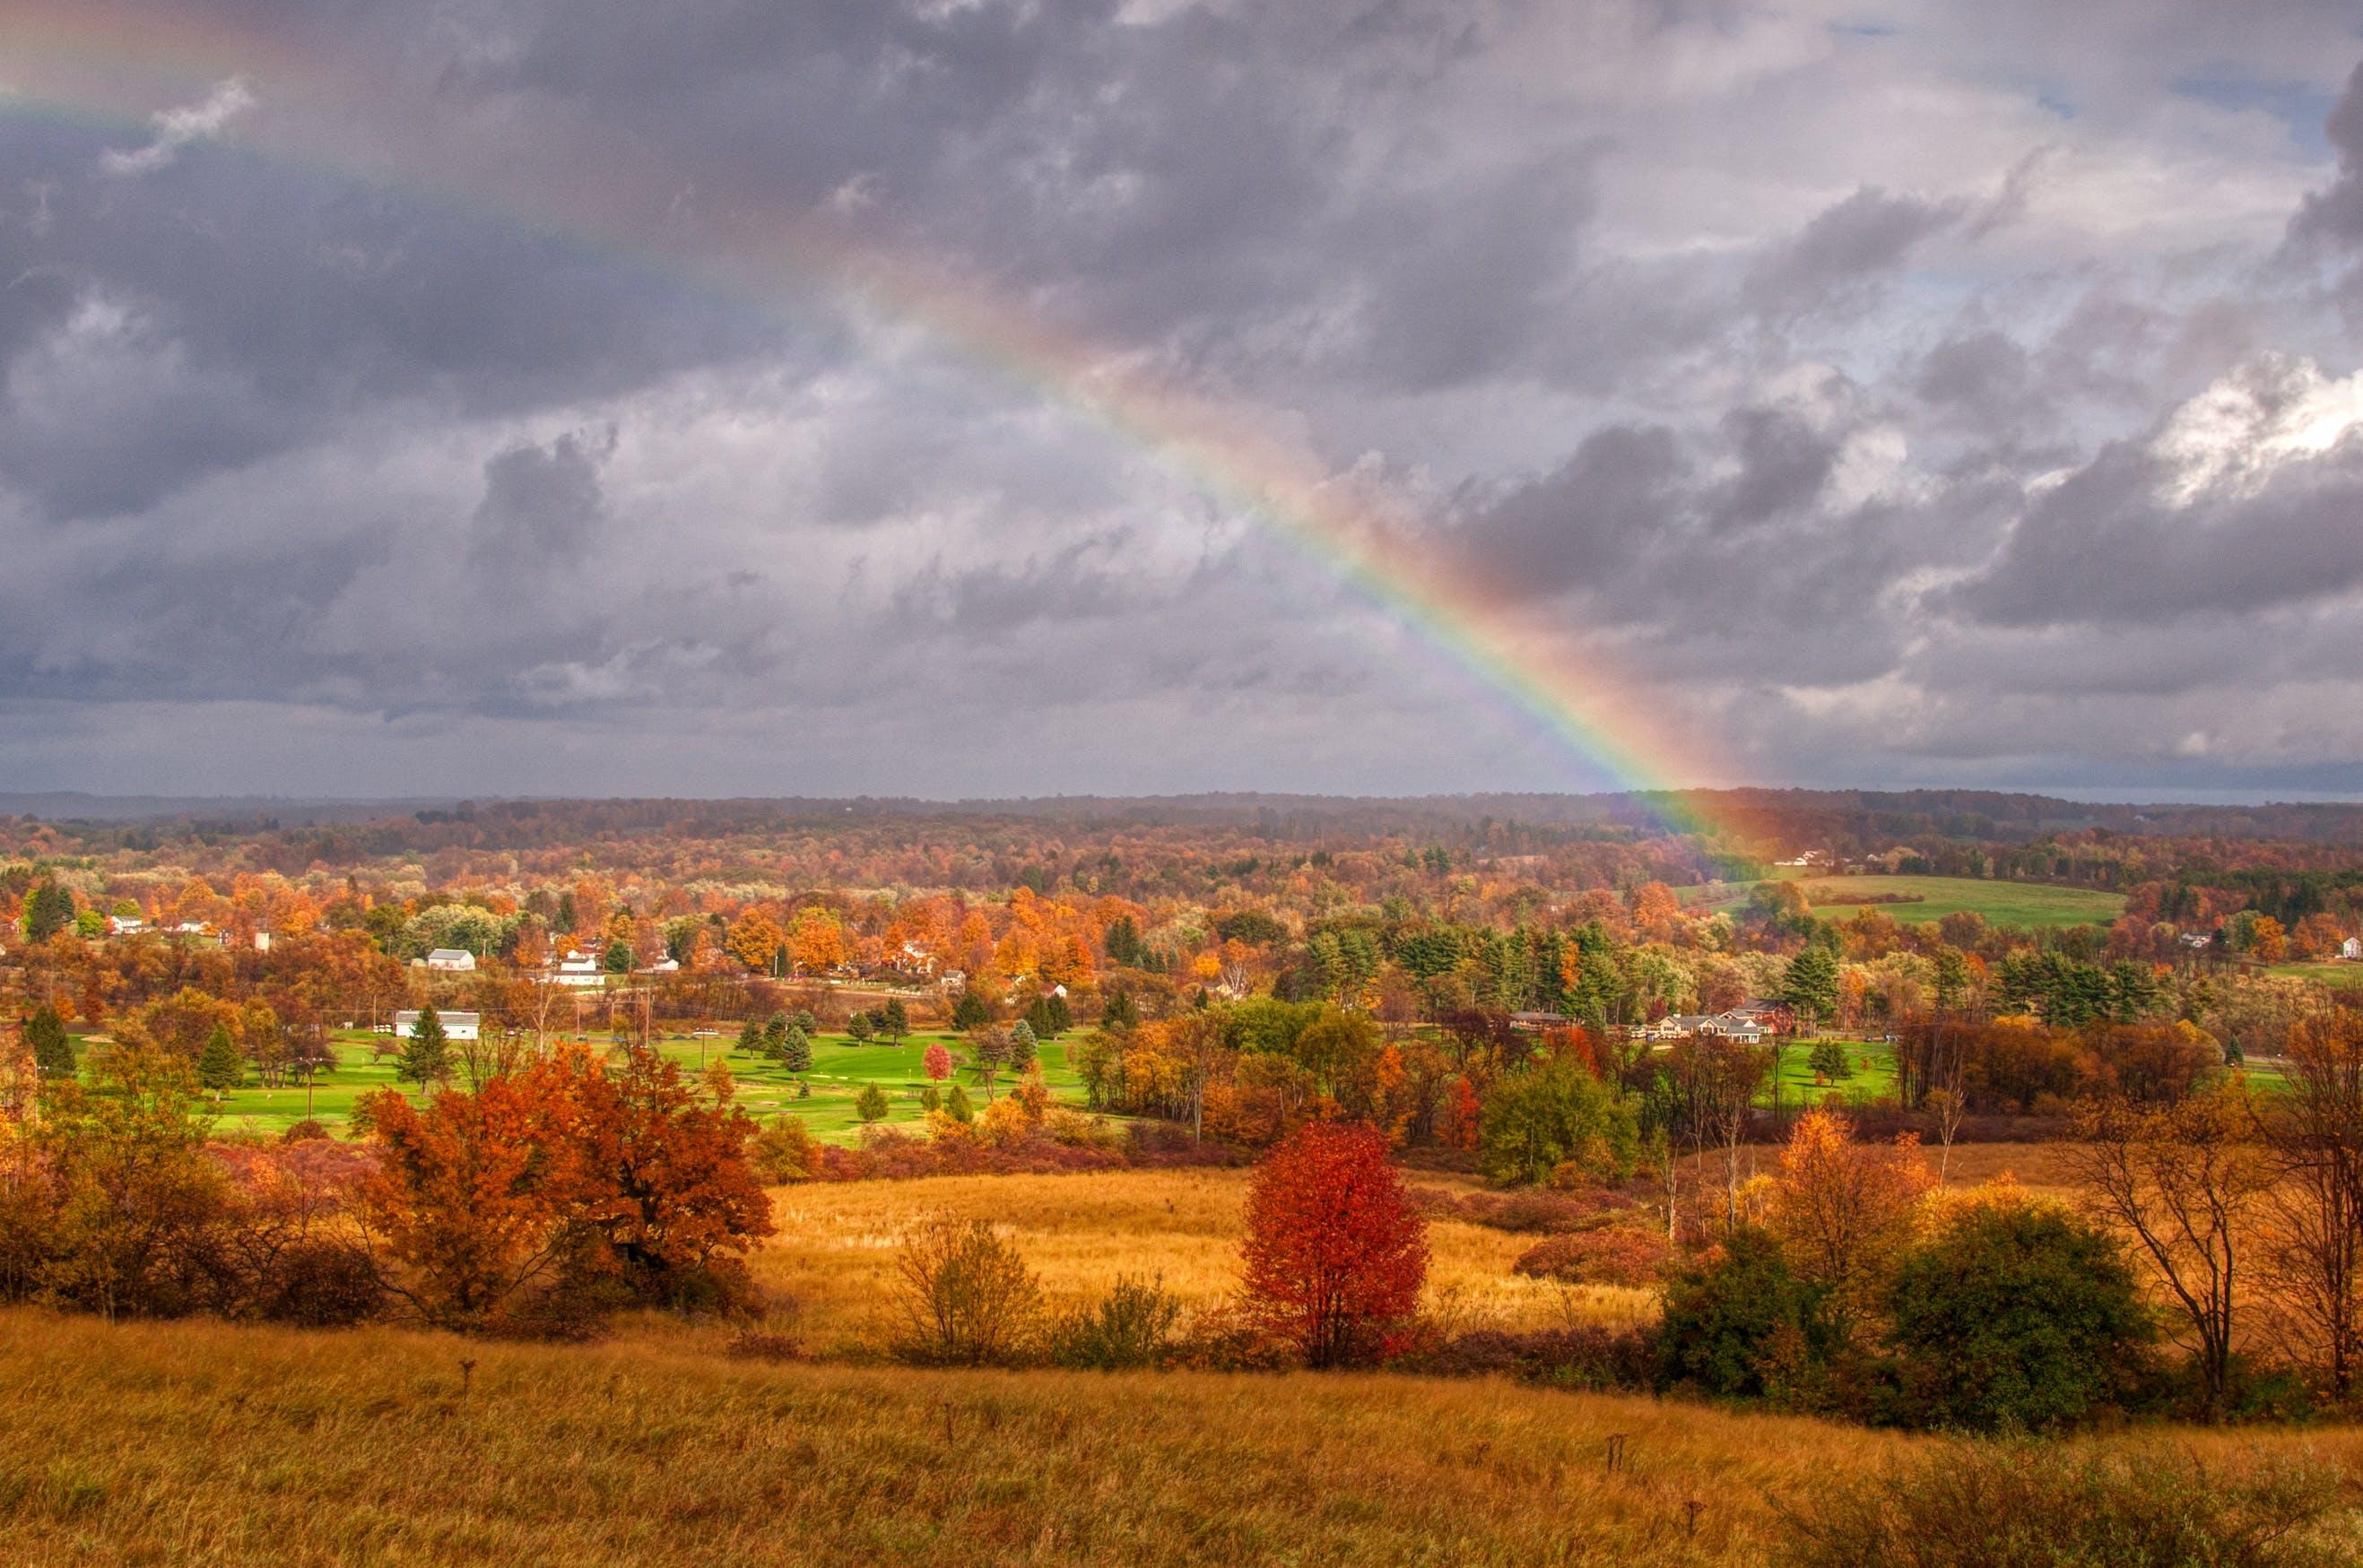 Kostenloses Stock Foto zu herbstlaub, himmel, hoffnung, landschaft